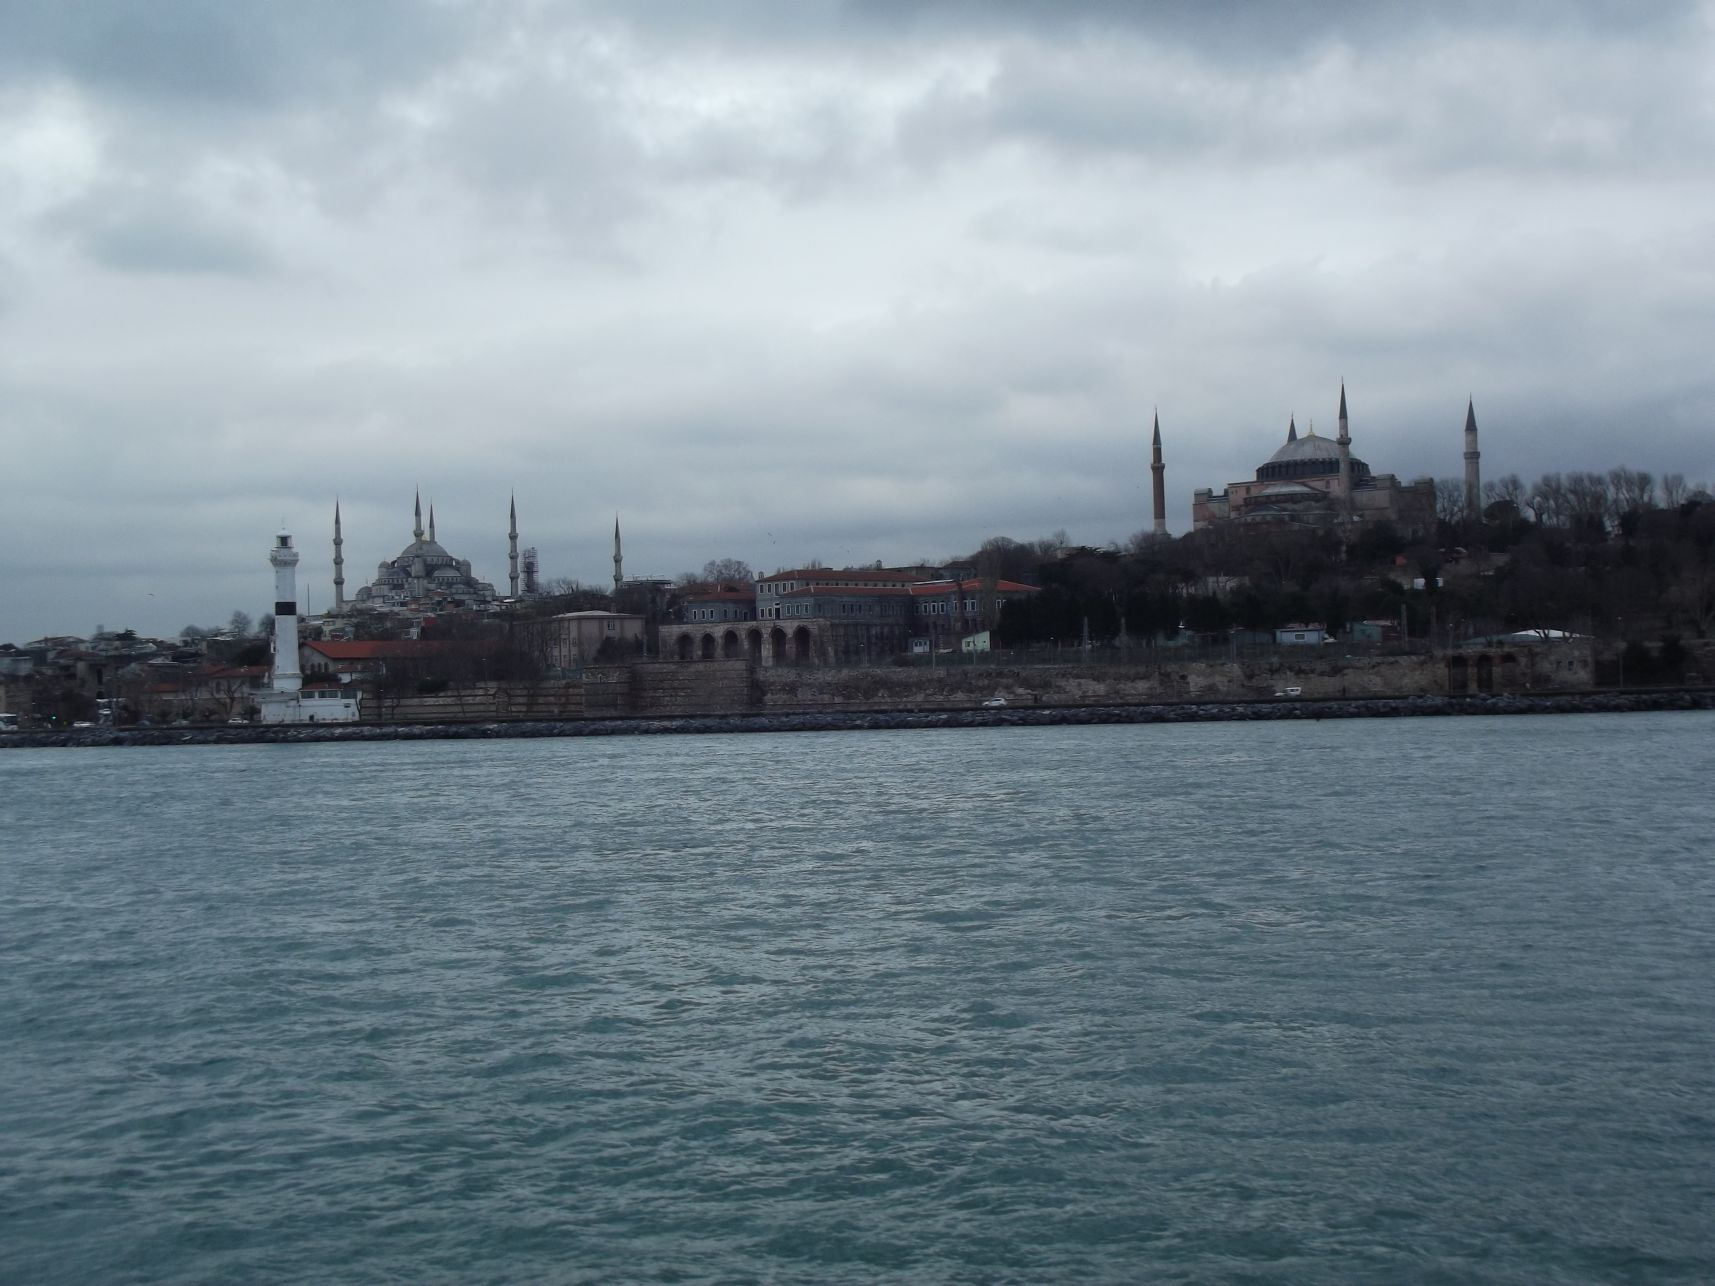 Kék Mecset, Hagia Sophia a hajóról